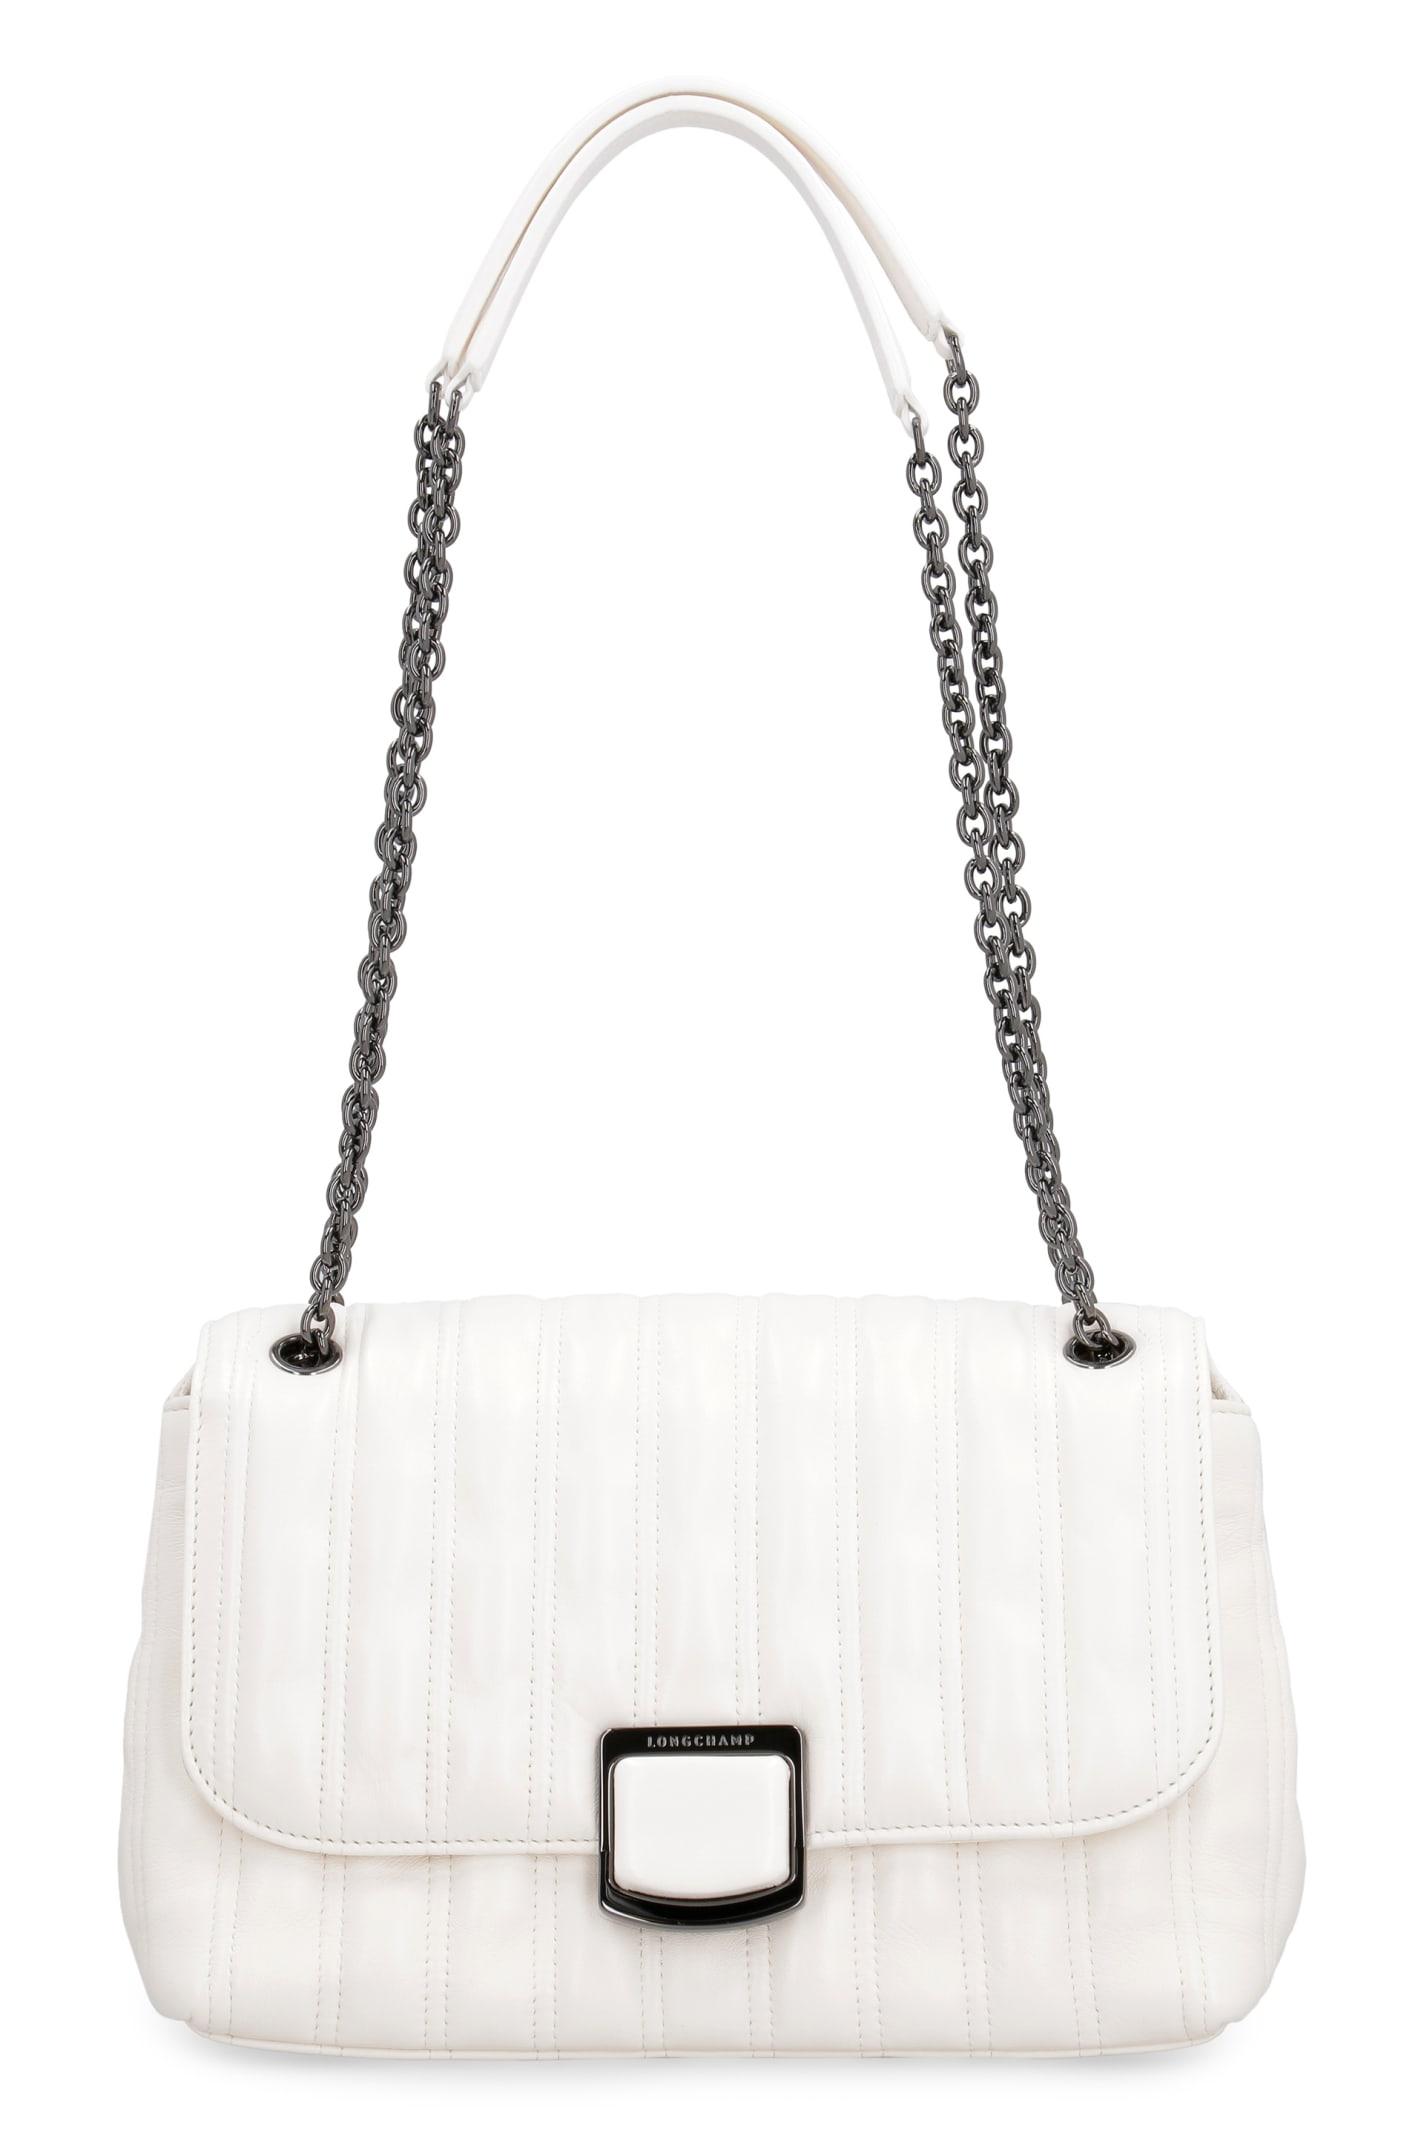 Longchamp BRIOCHE LEATHER SHOULDER BAG